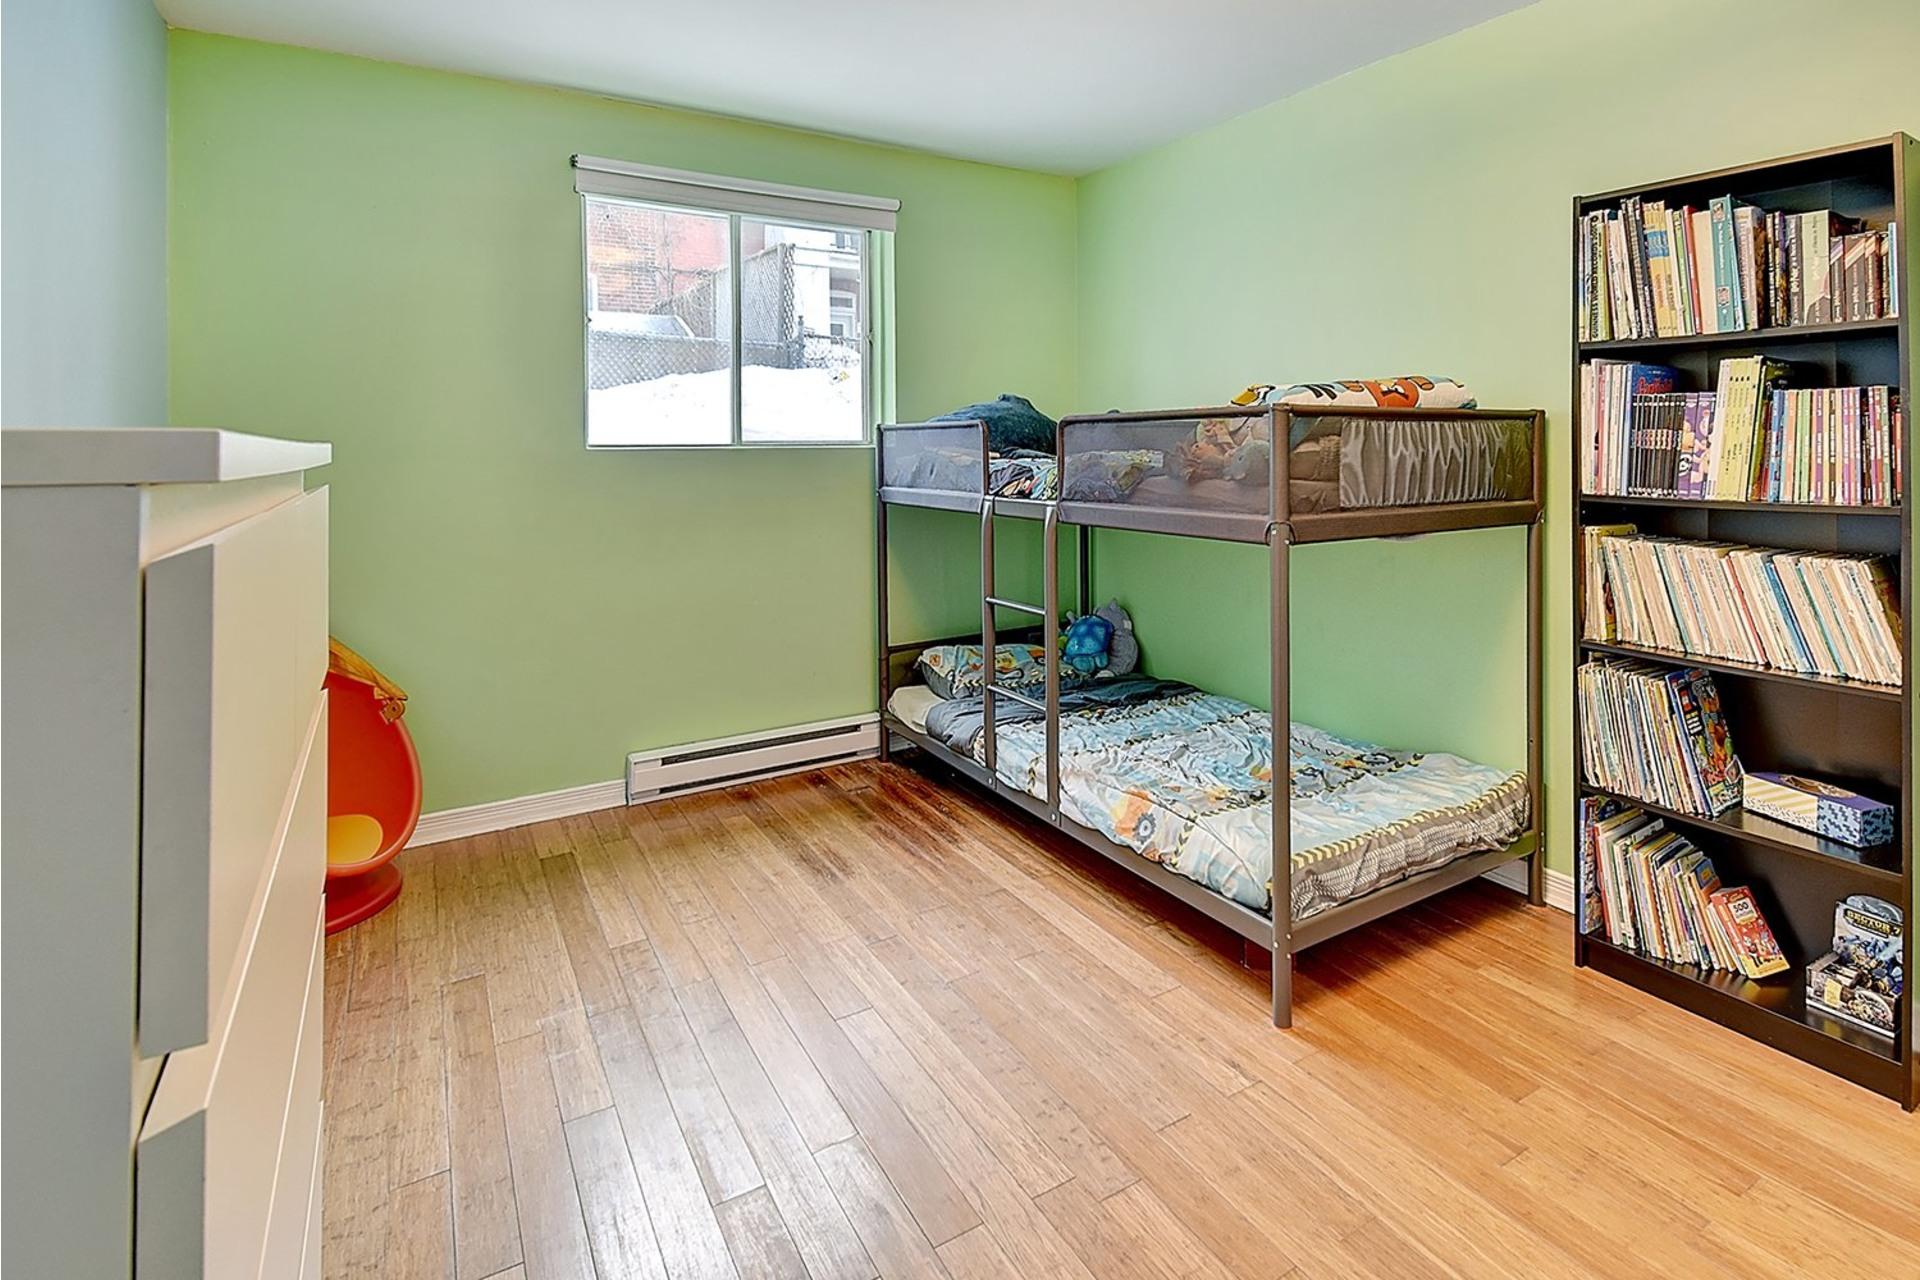 image 21 - Appartement À vendre Verdun/Île-des-Soeurs Montréal  - 7 pièces